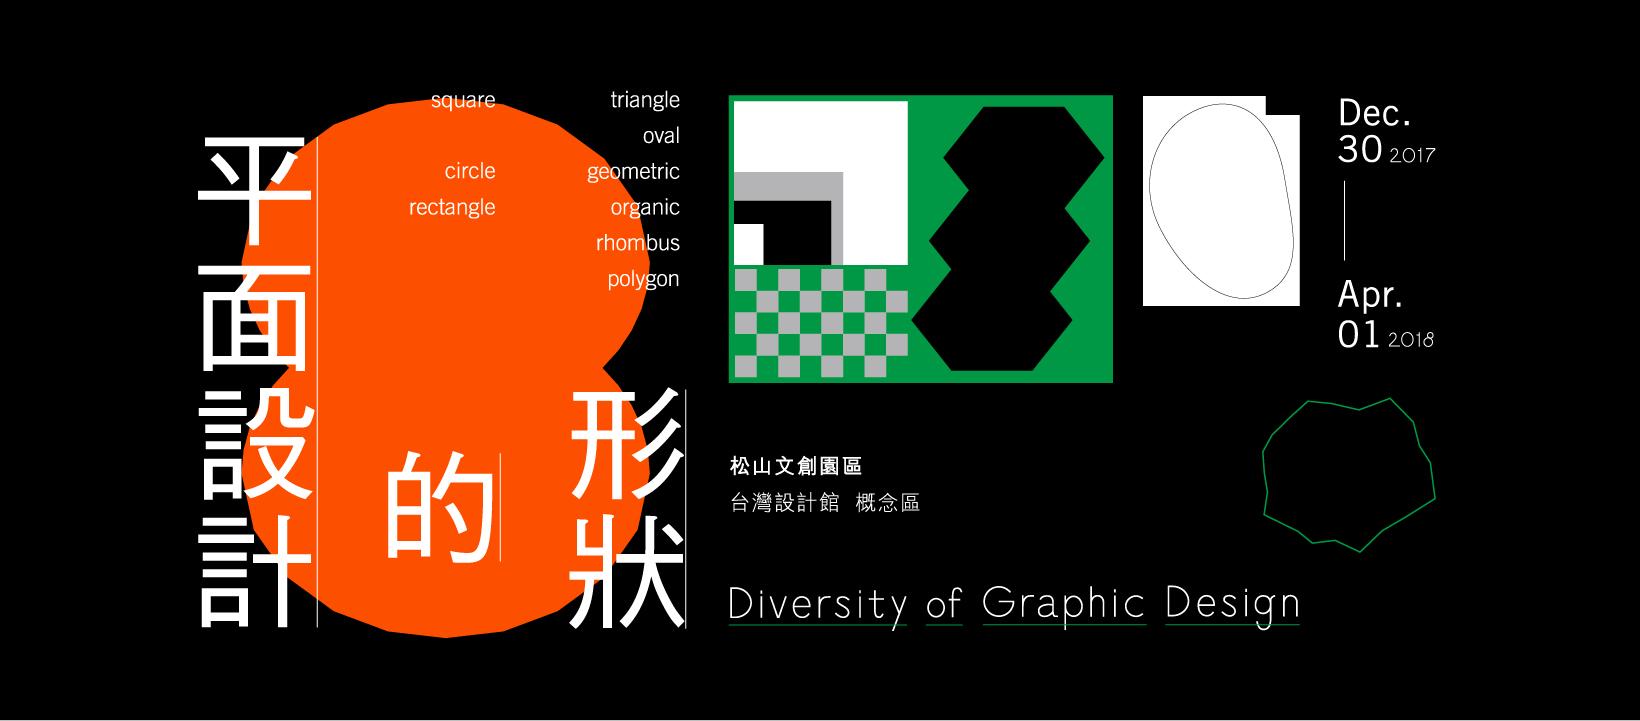 「平面設計的形狀」主題特展 融入生活於無形的平面設計創作